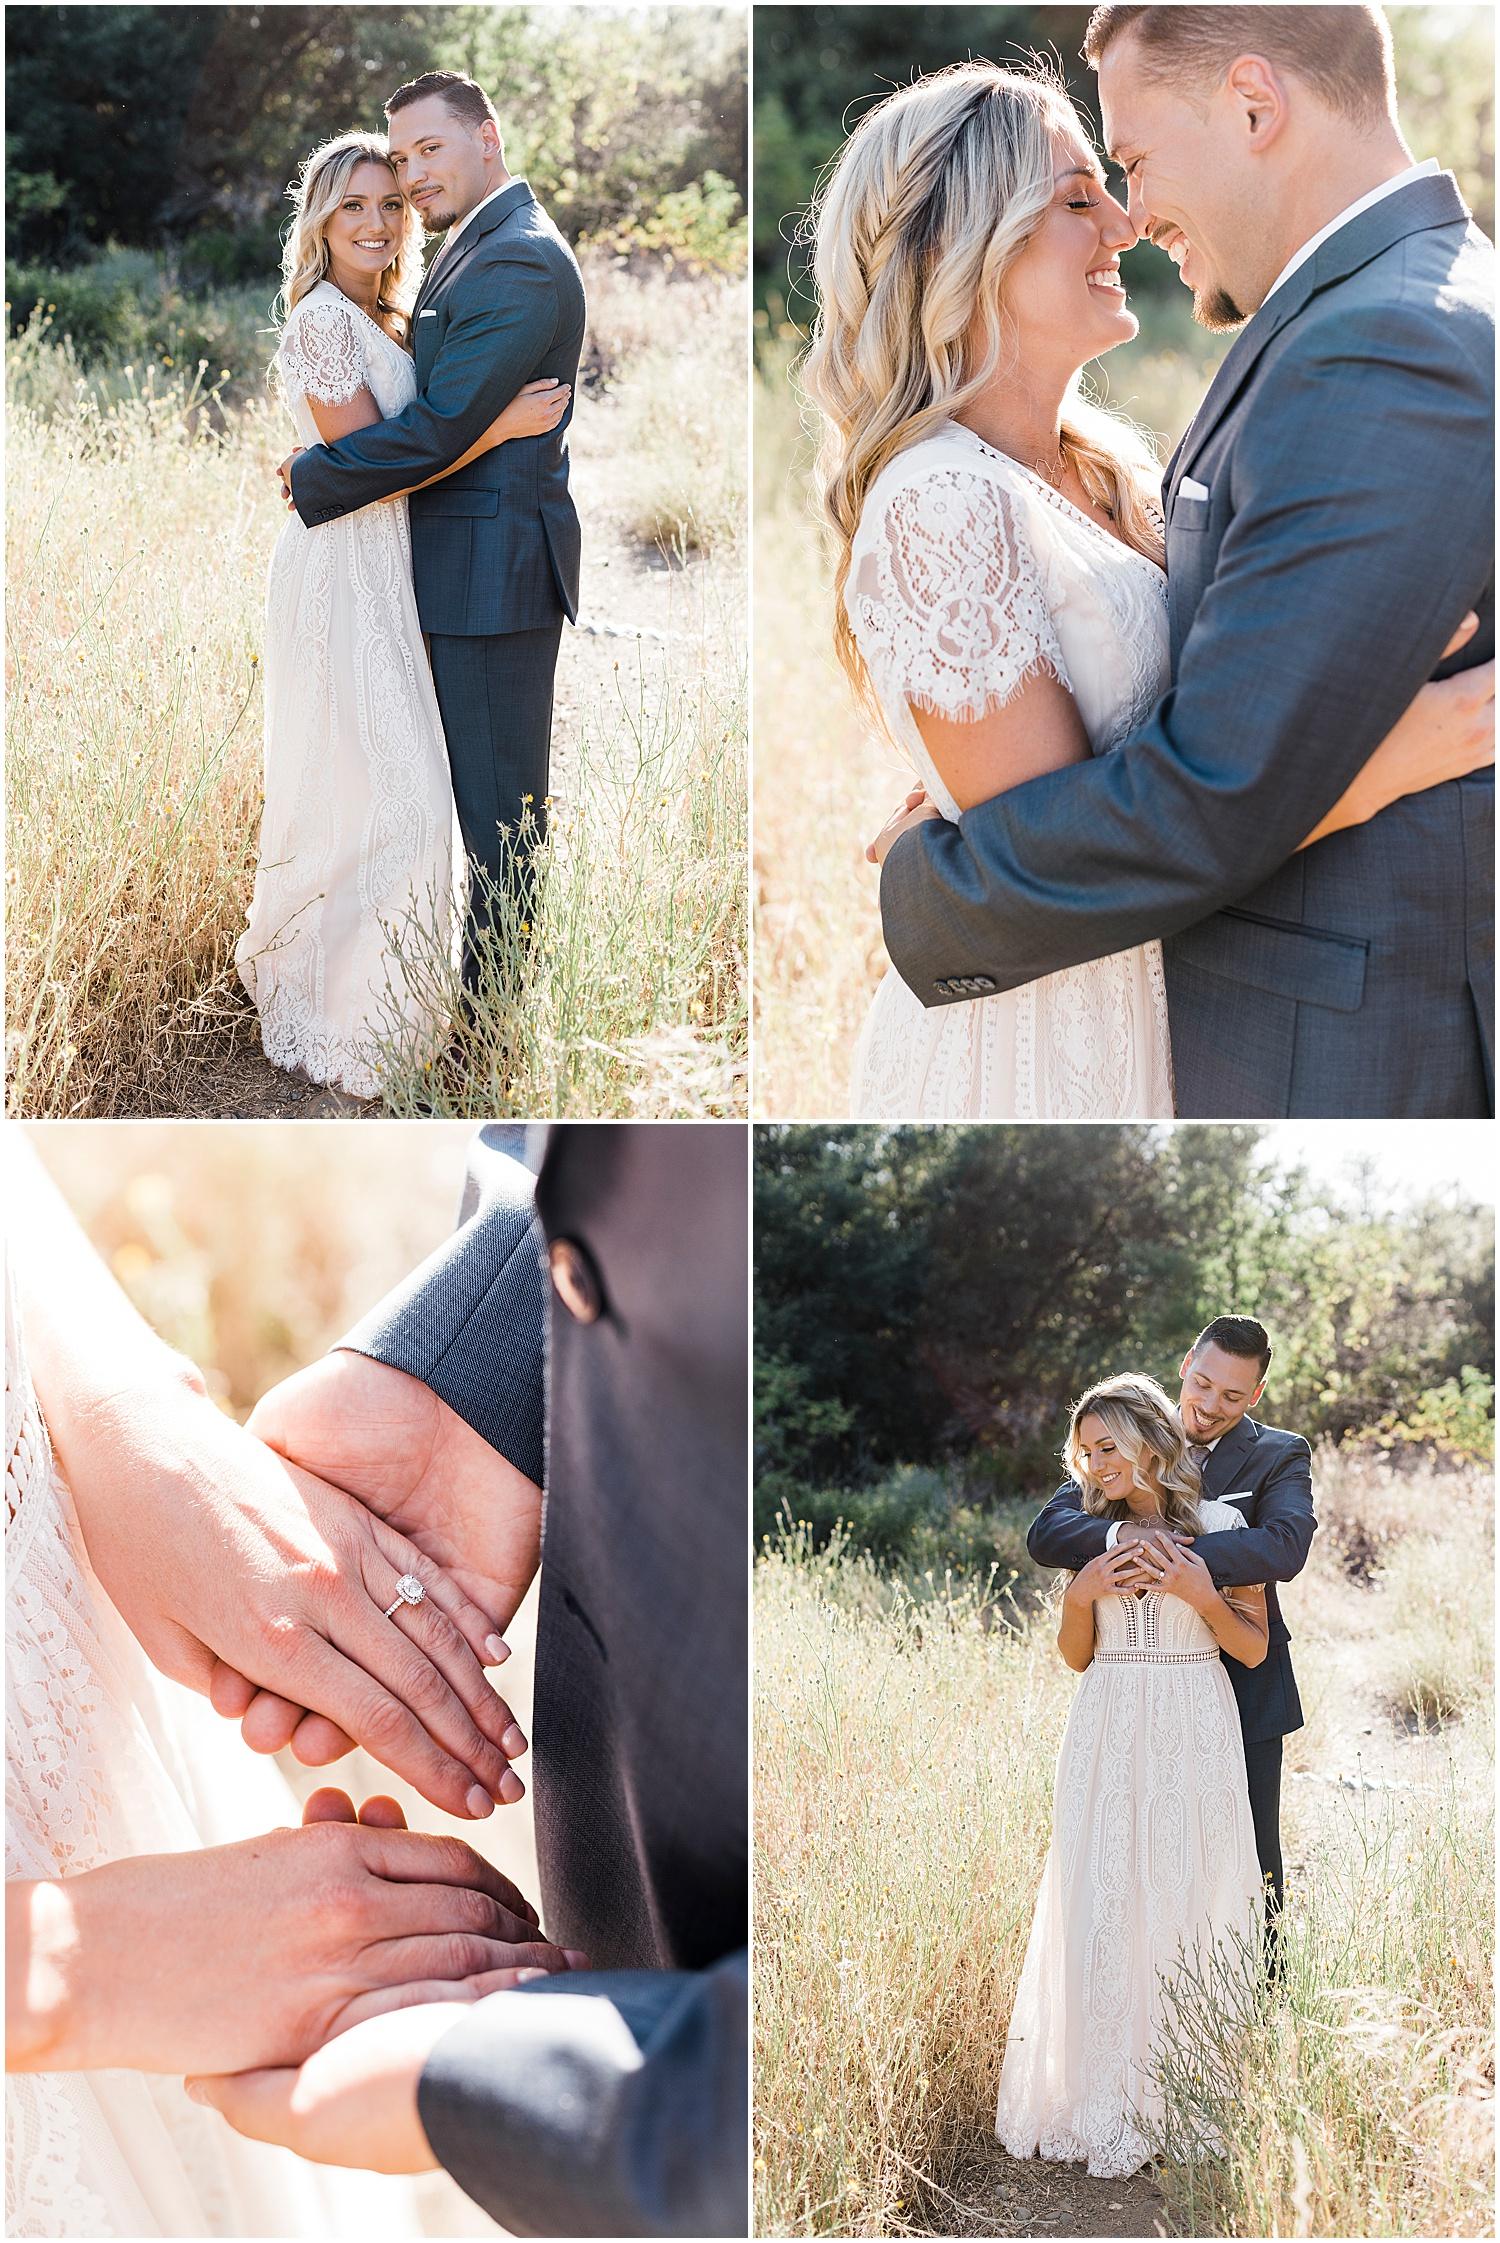 engagementphotos_folsomlake_californiaengagement_sacramentophotographer_062819_NICOLEQUIROZ_01.jpg